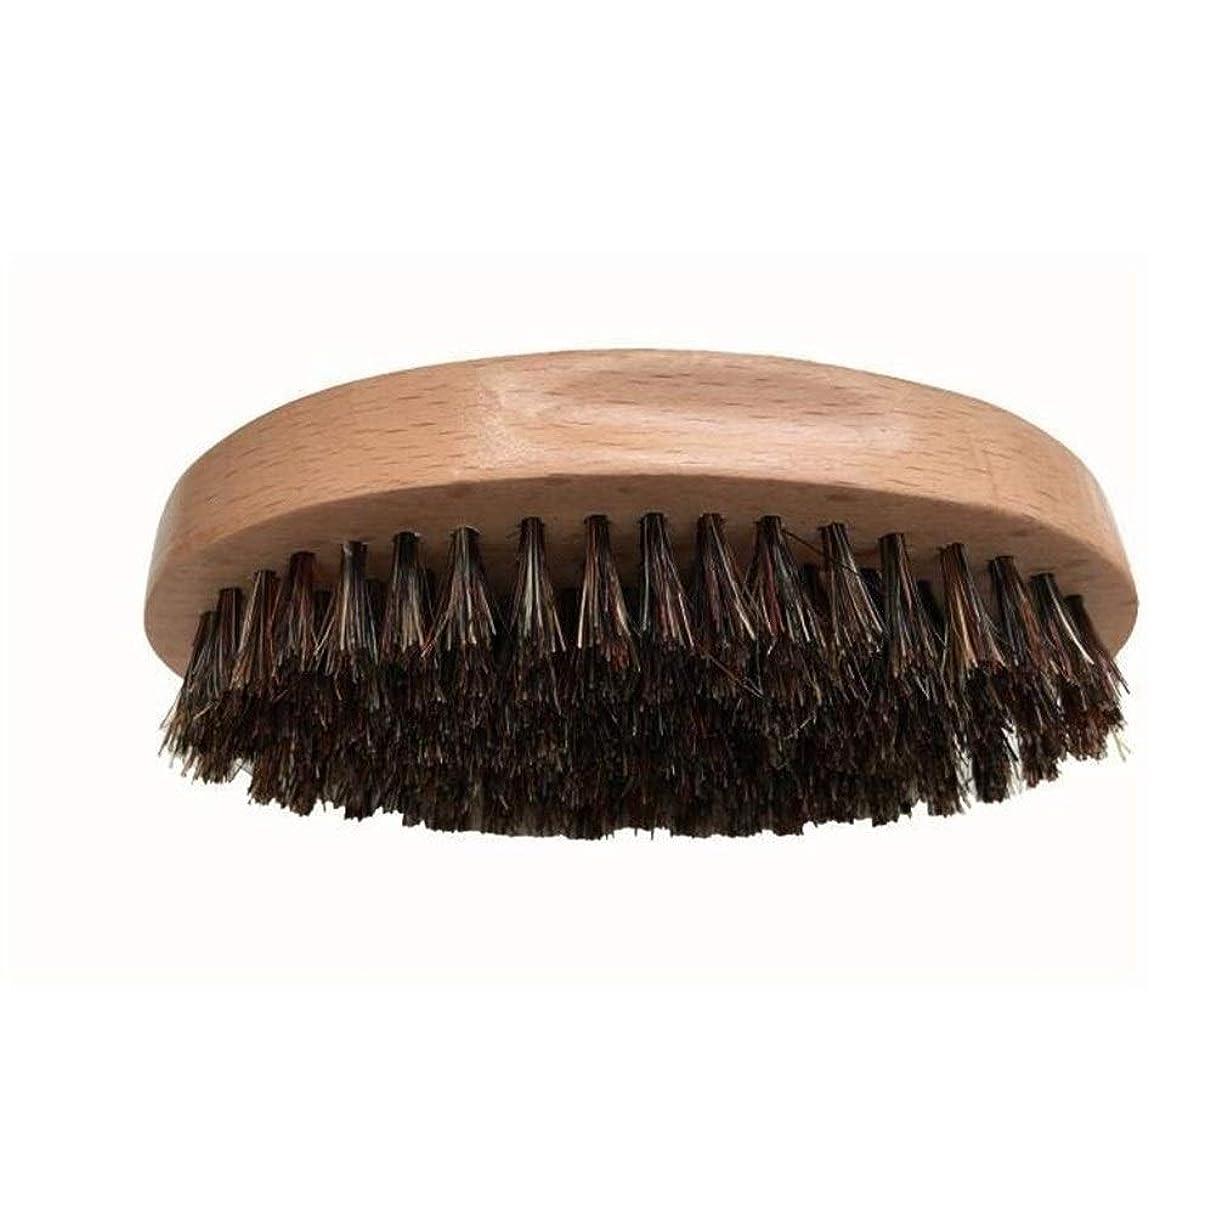 シェービングブラシ 男性 口ひげ ひげブラシ ラウンド櫛 メンズシェービングツール 理容 洗顔 髭剃り 泡立ち